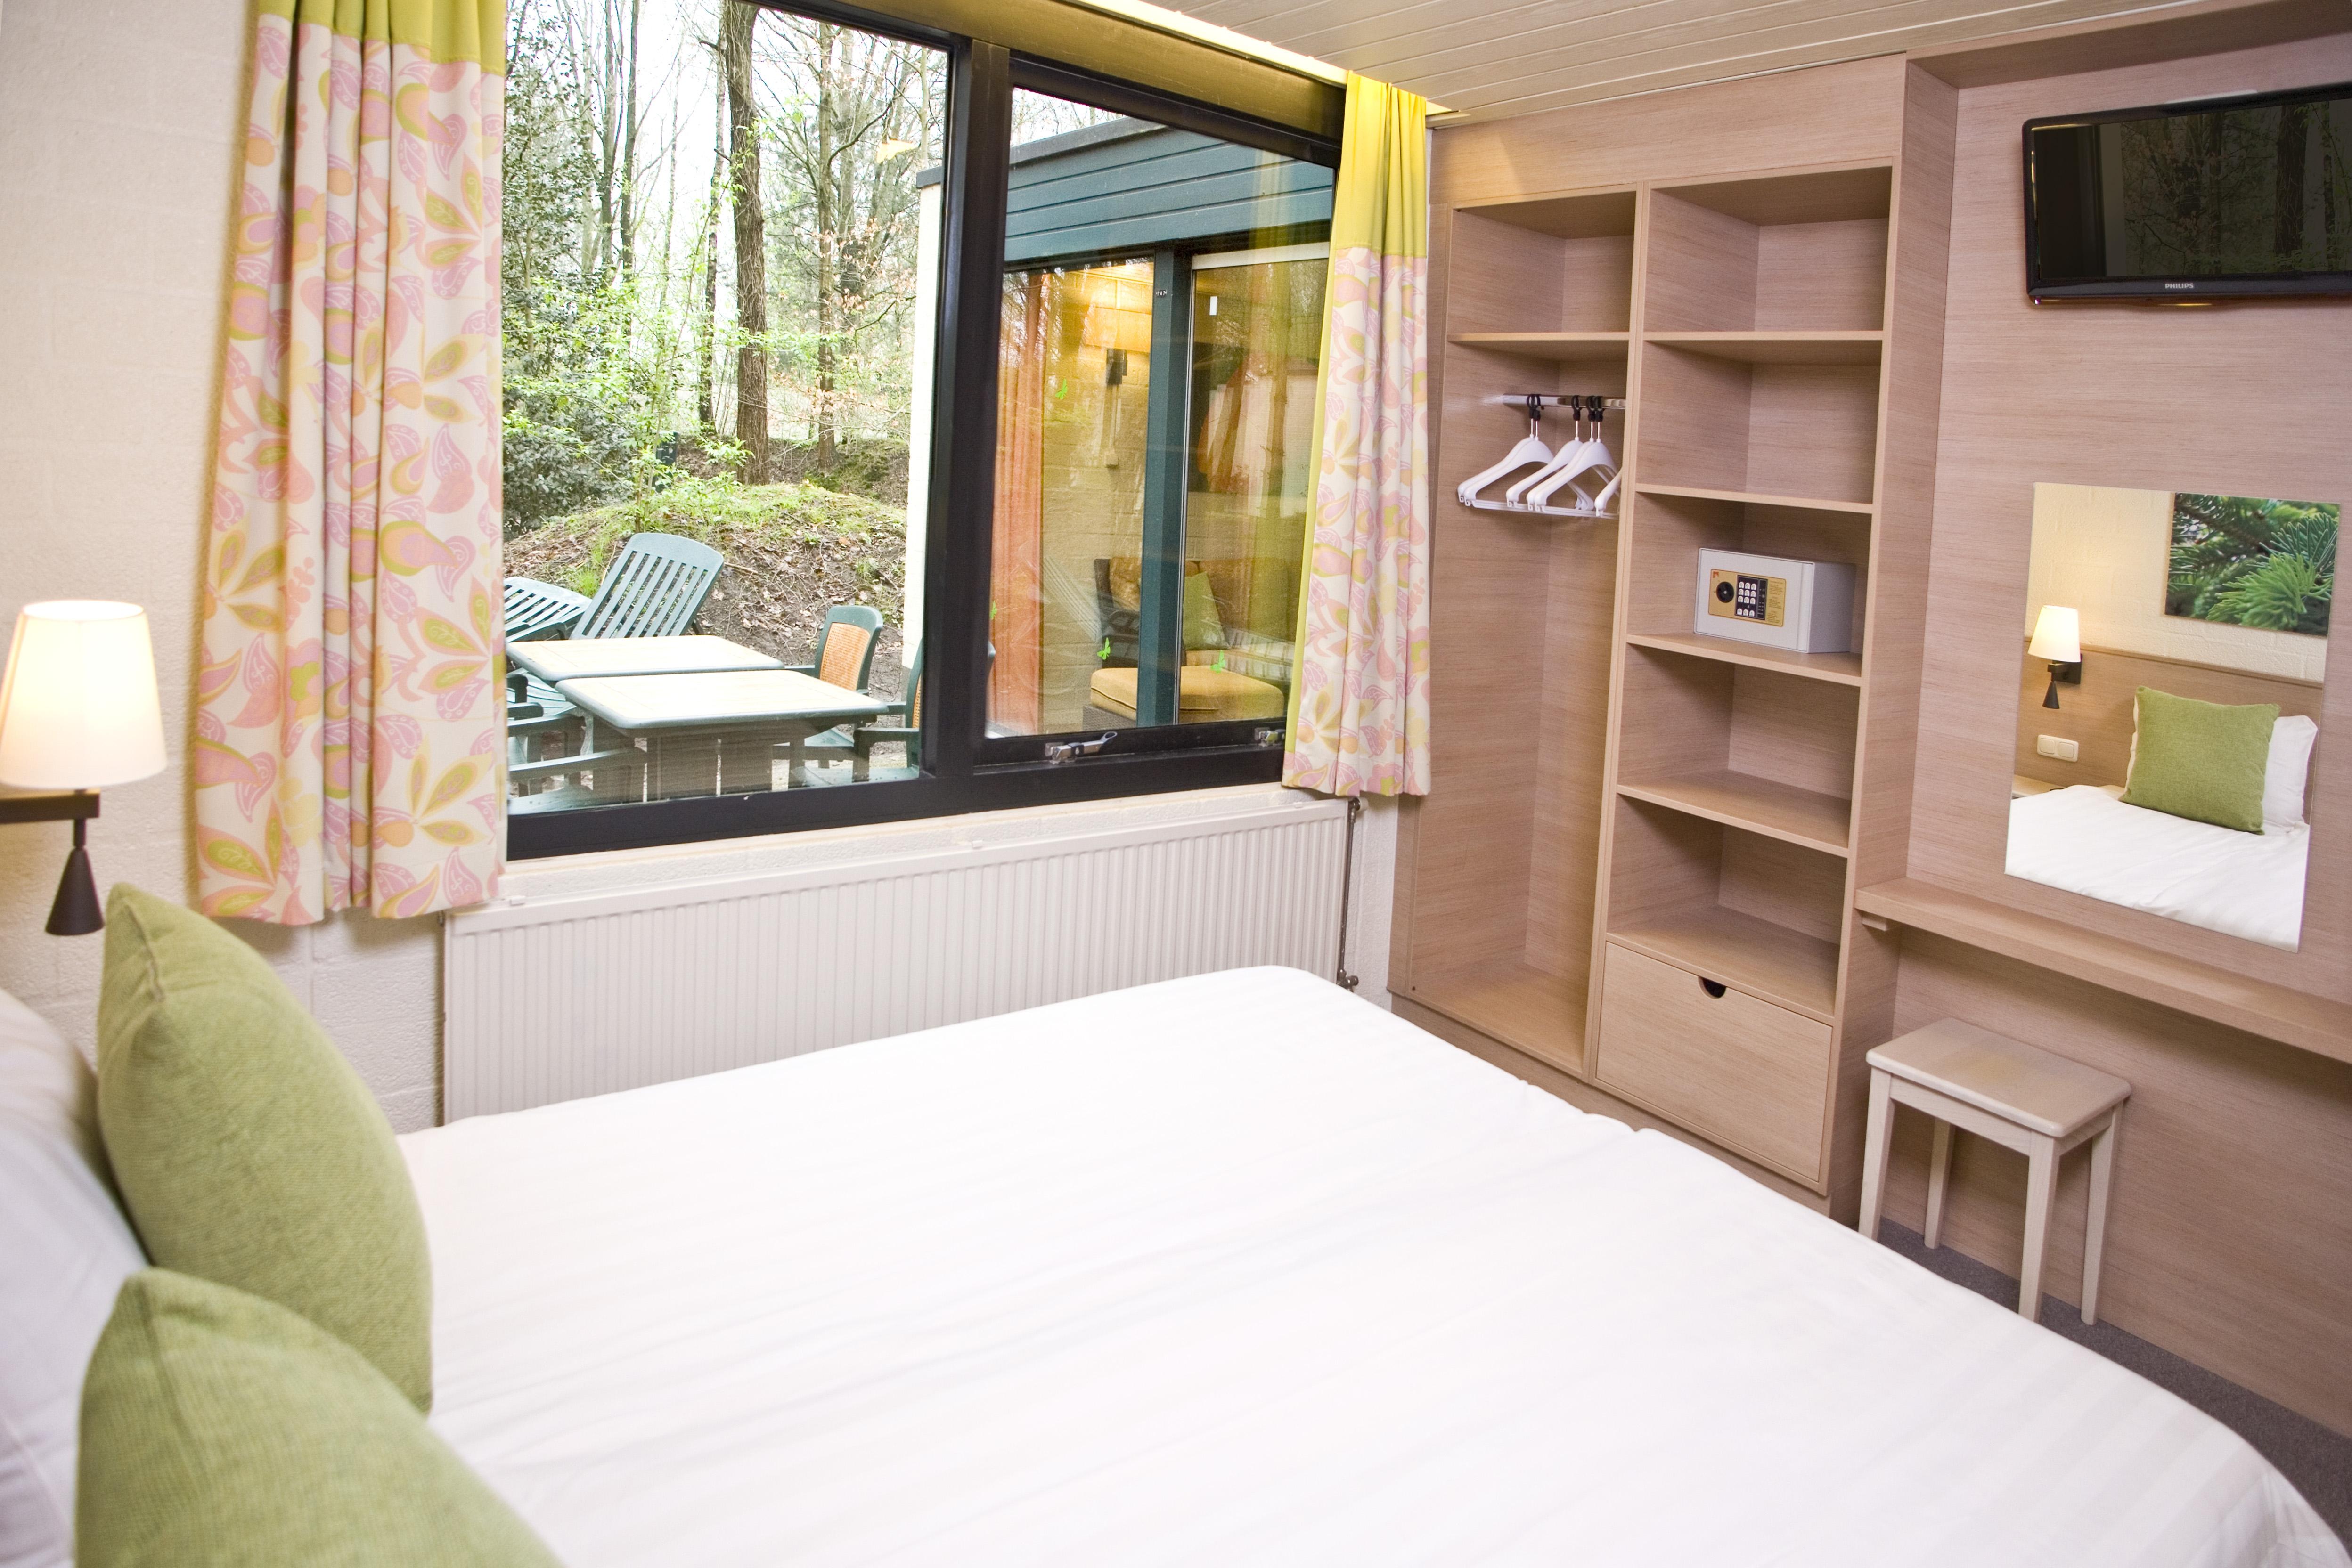 Ferienhaus Center Parcs De Huttenheugte - cottage Premium 6 persons (2639185), Dalen (NL), , Drenthe, Niederlande, Bild 3